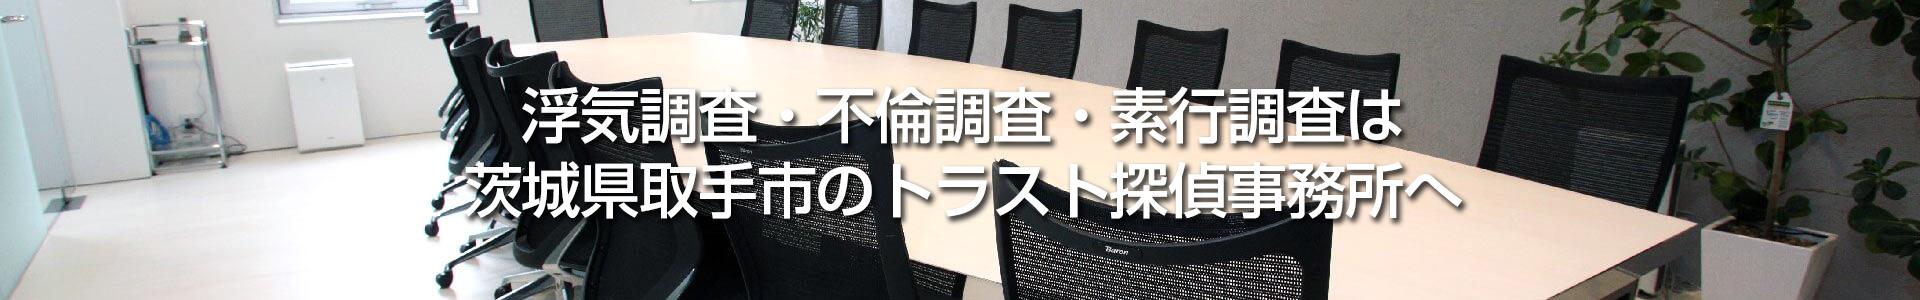 浮気調査・不倫調査・素行調査は 茨城県取手市のトラスト探偵事務所へ